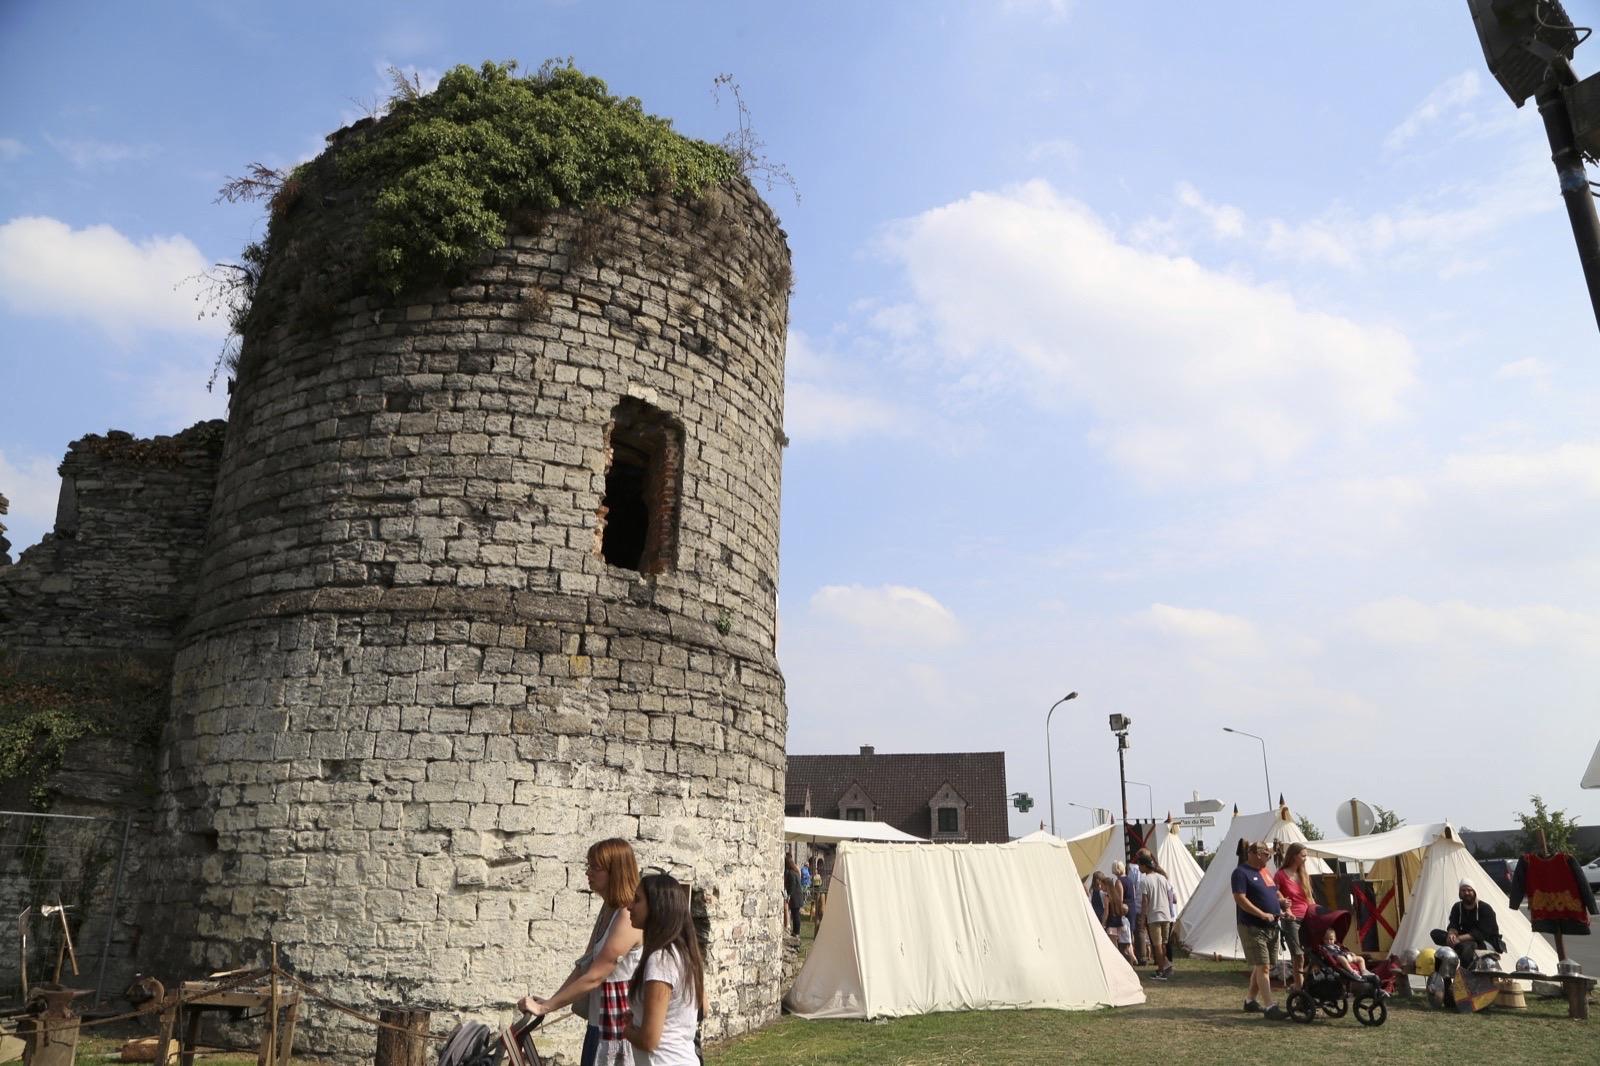 Fête médiévale au Château de Vaulx